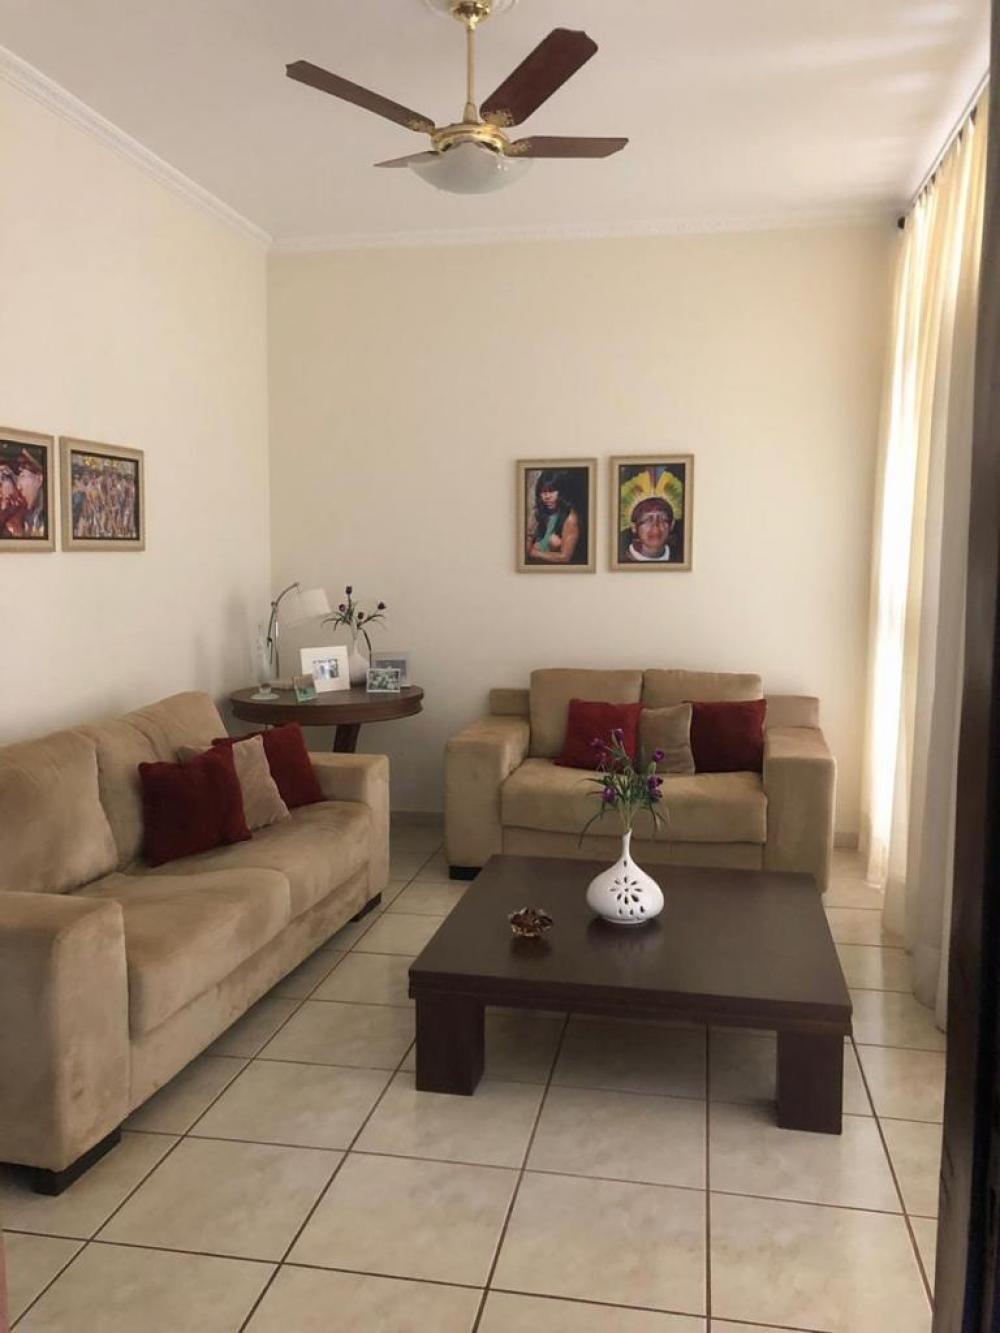 Comprar Casa / Padrão em Ribeirão Preto R$ 550.000,00 - Foto 6